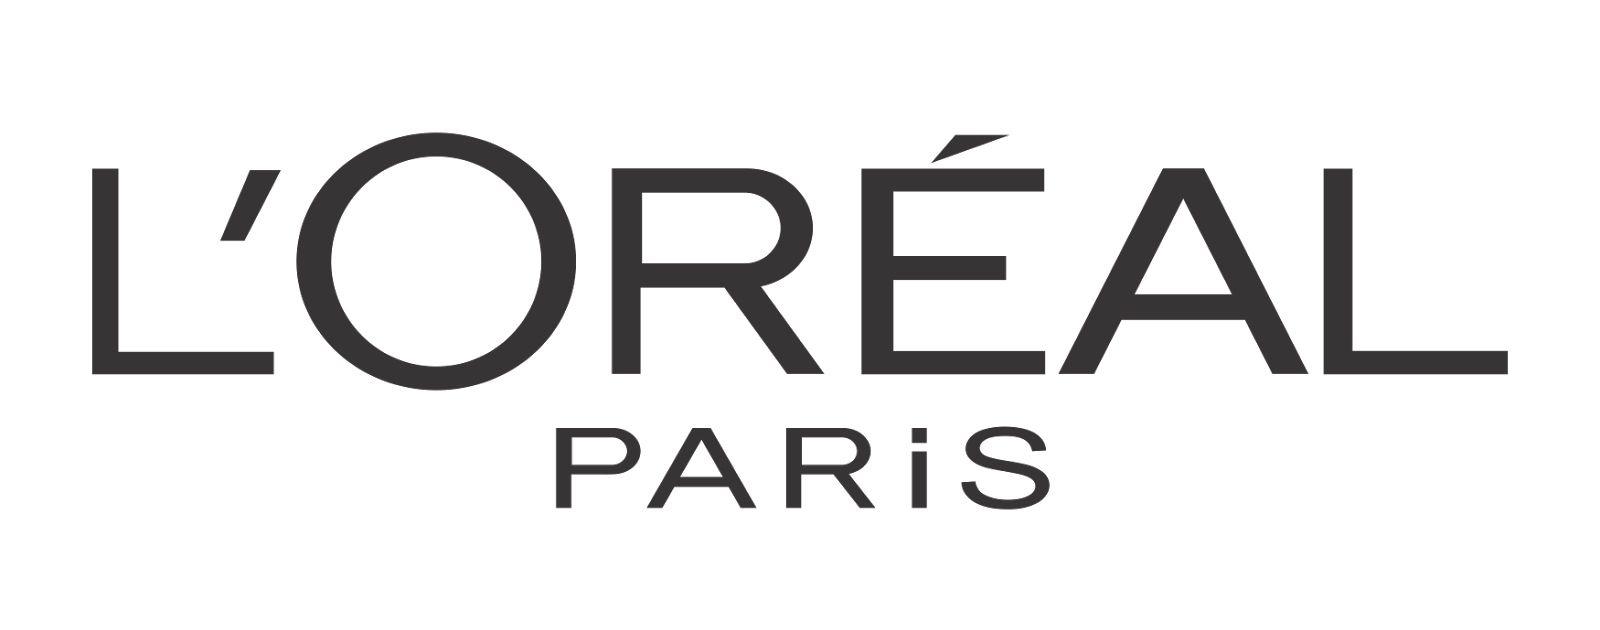 Loreal Logo Google Search Loreal Logo Loreal Loreal Paris